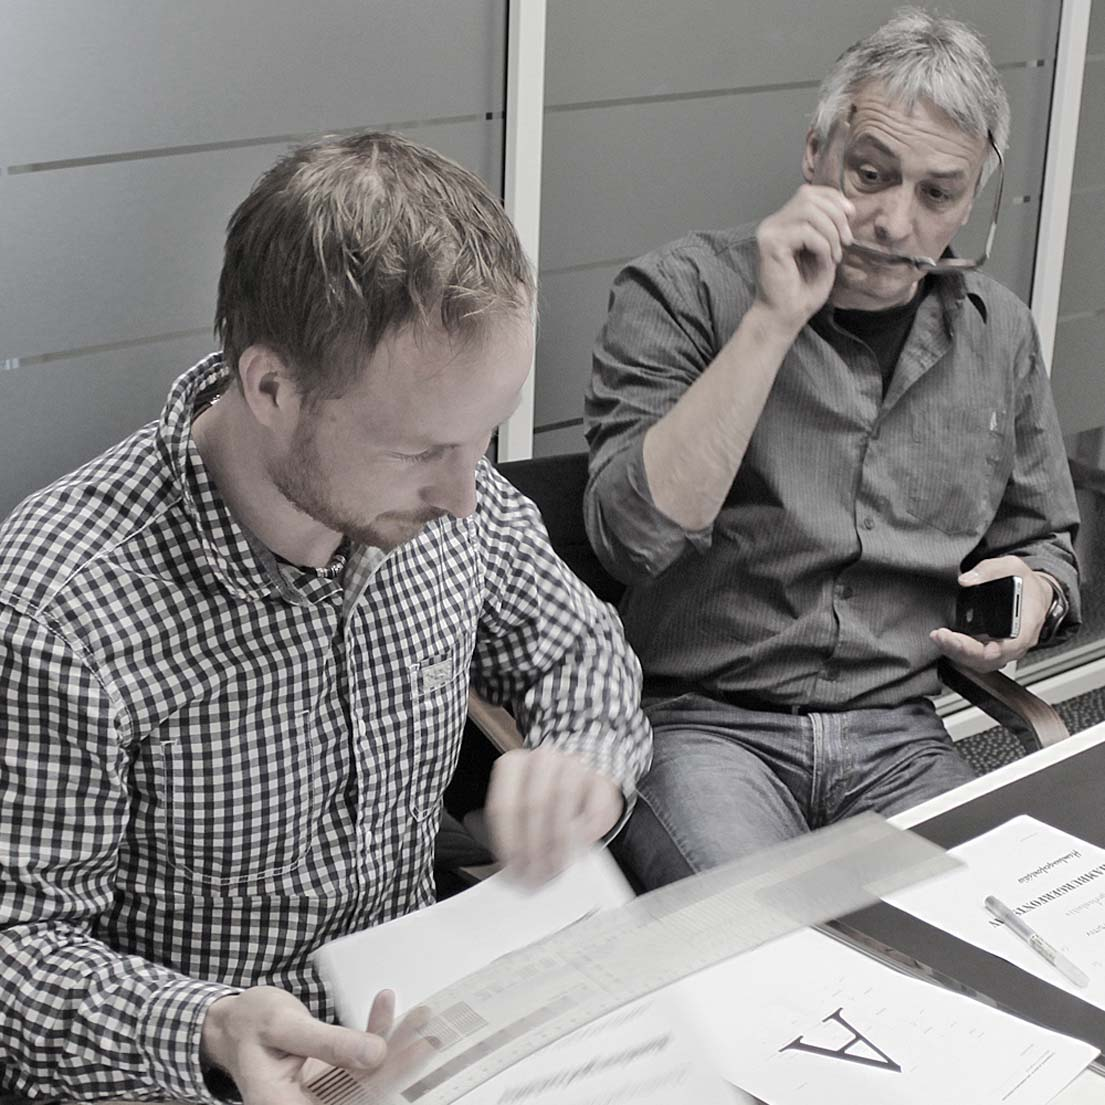 Patrick Bahr und Hubert Wehrs, M-2013-04-24